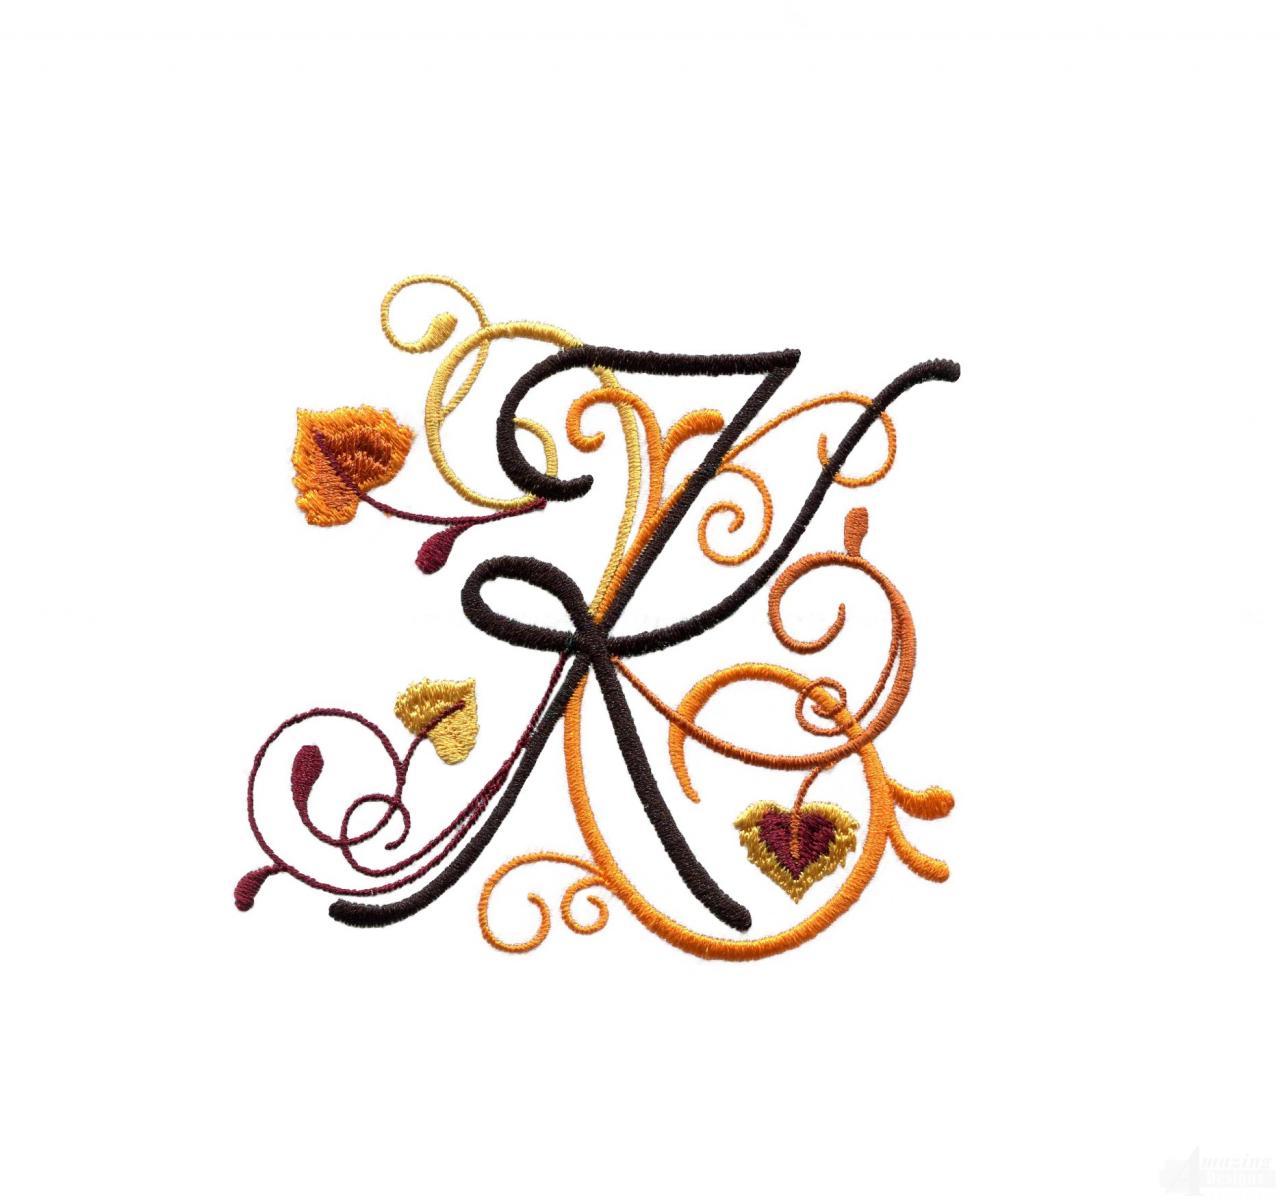 بالصور صور حرف k , تصاميم لحرف k بشكل مرح وجذاب 532 1